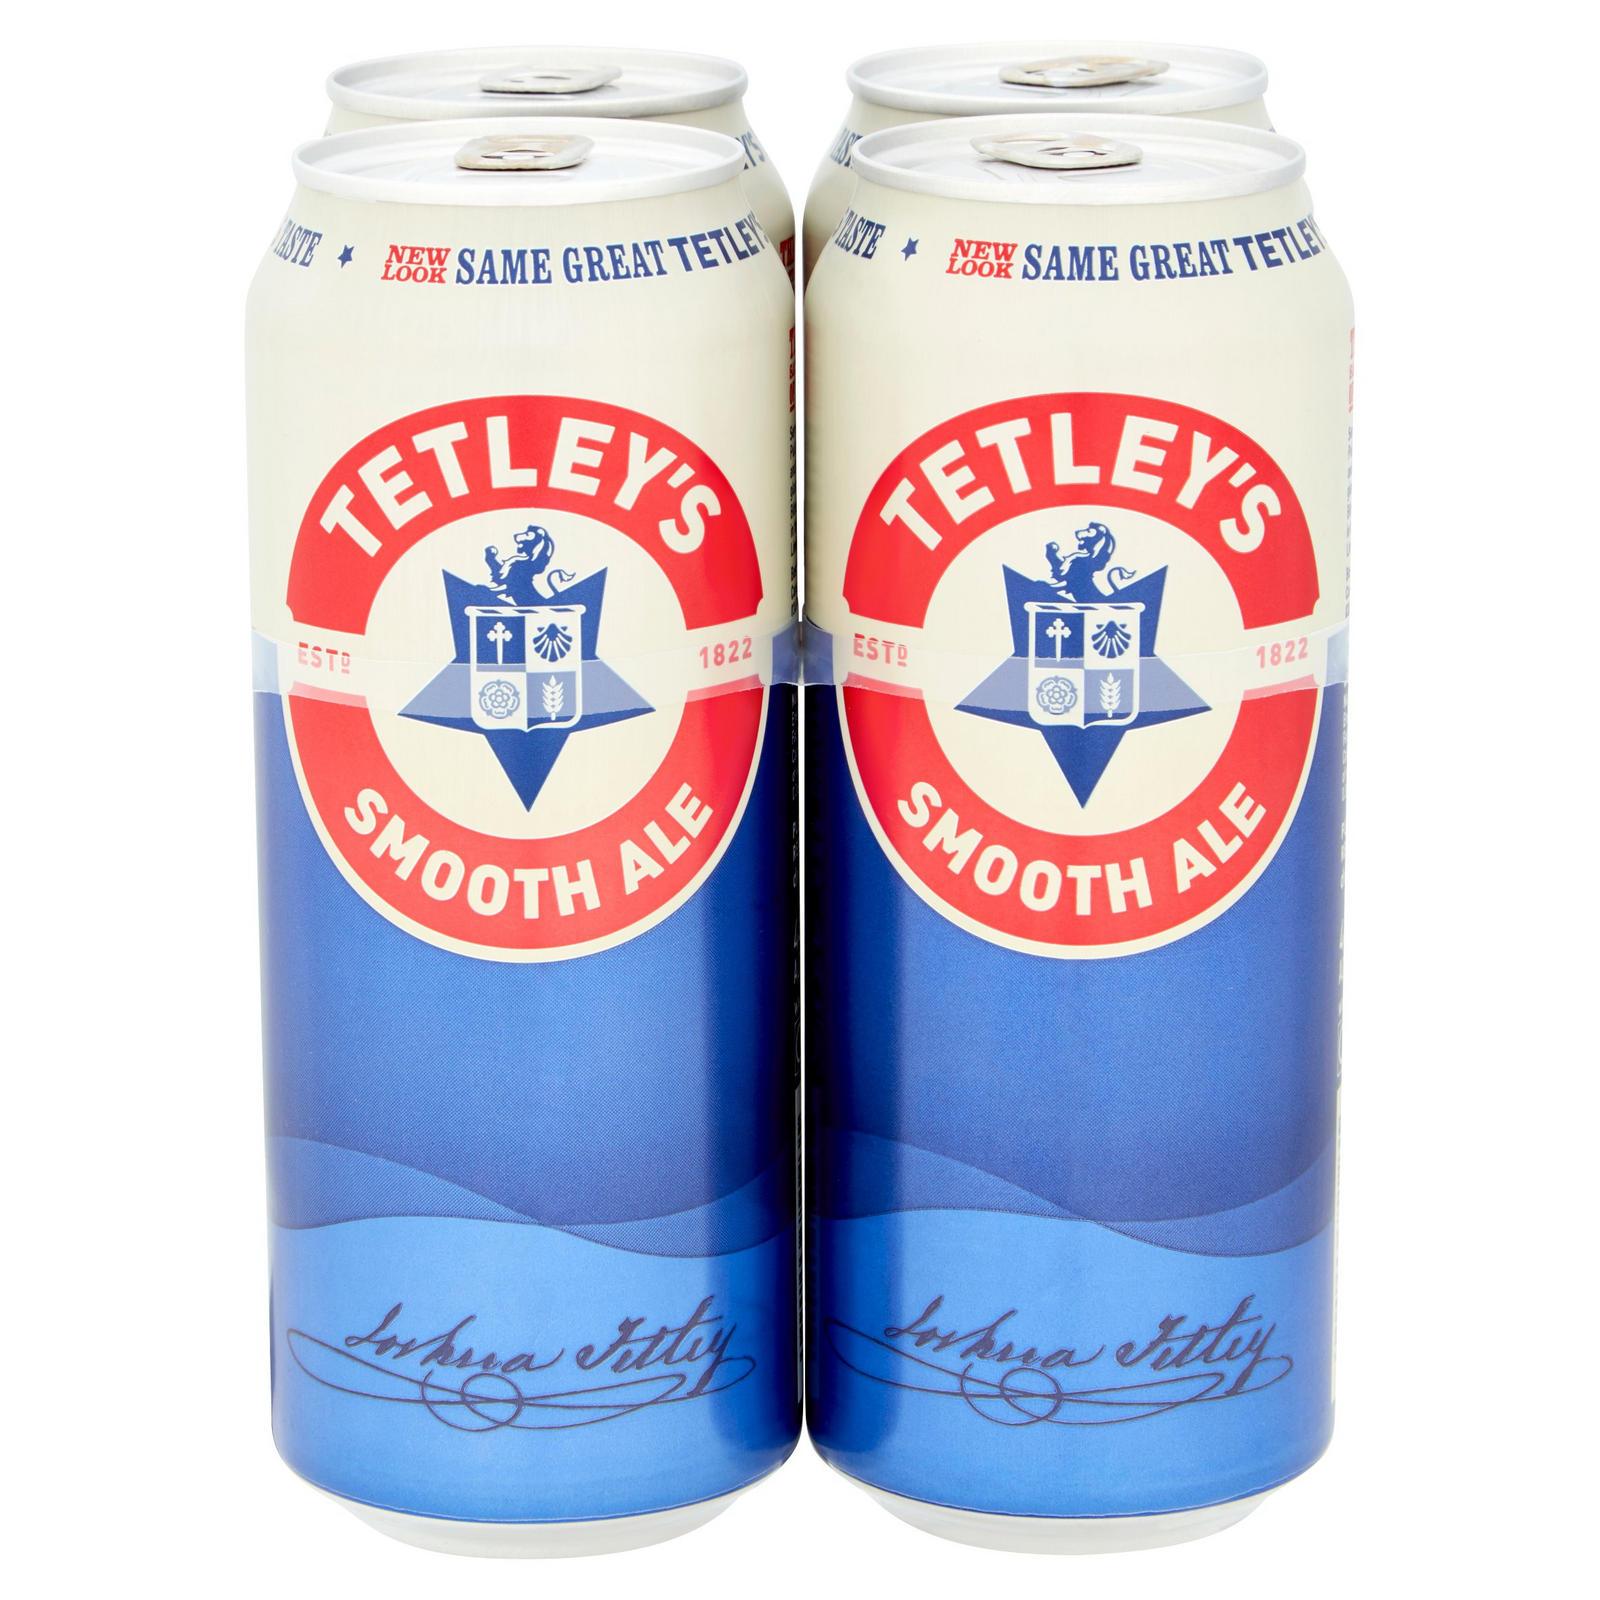 Stella artois 4x440ml £2.25 & Tetleys smooth ale 4x440ml £1.85 Asda Portsmouth